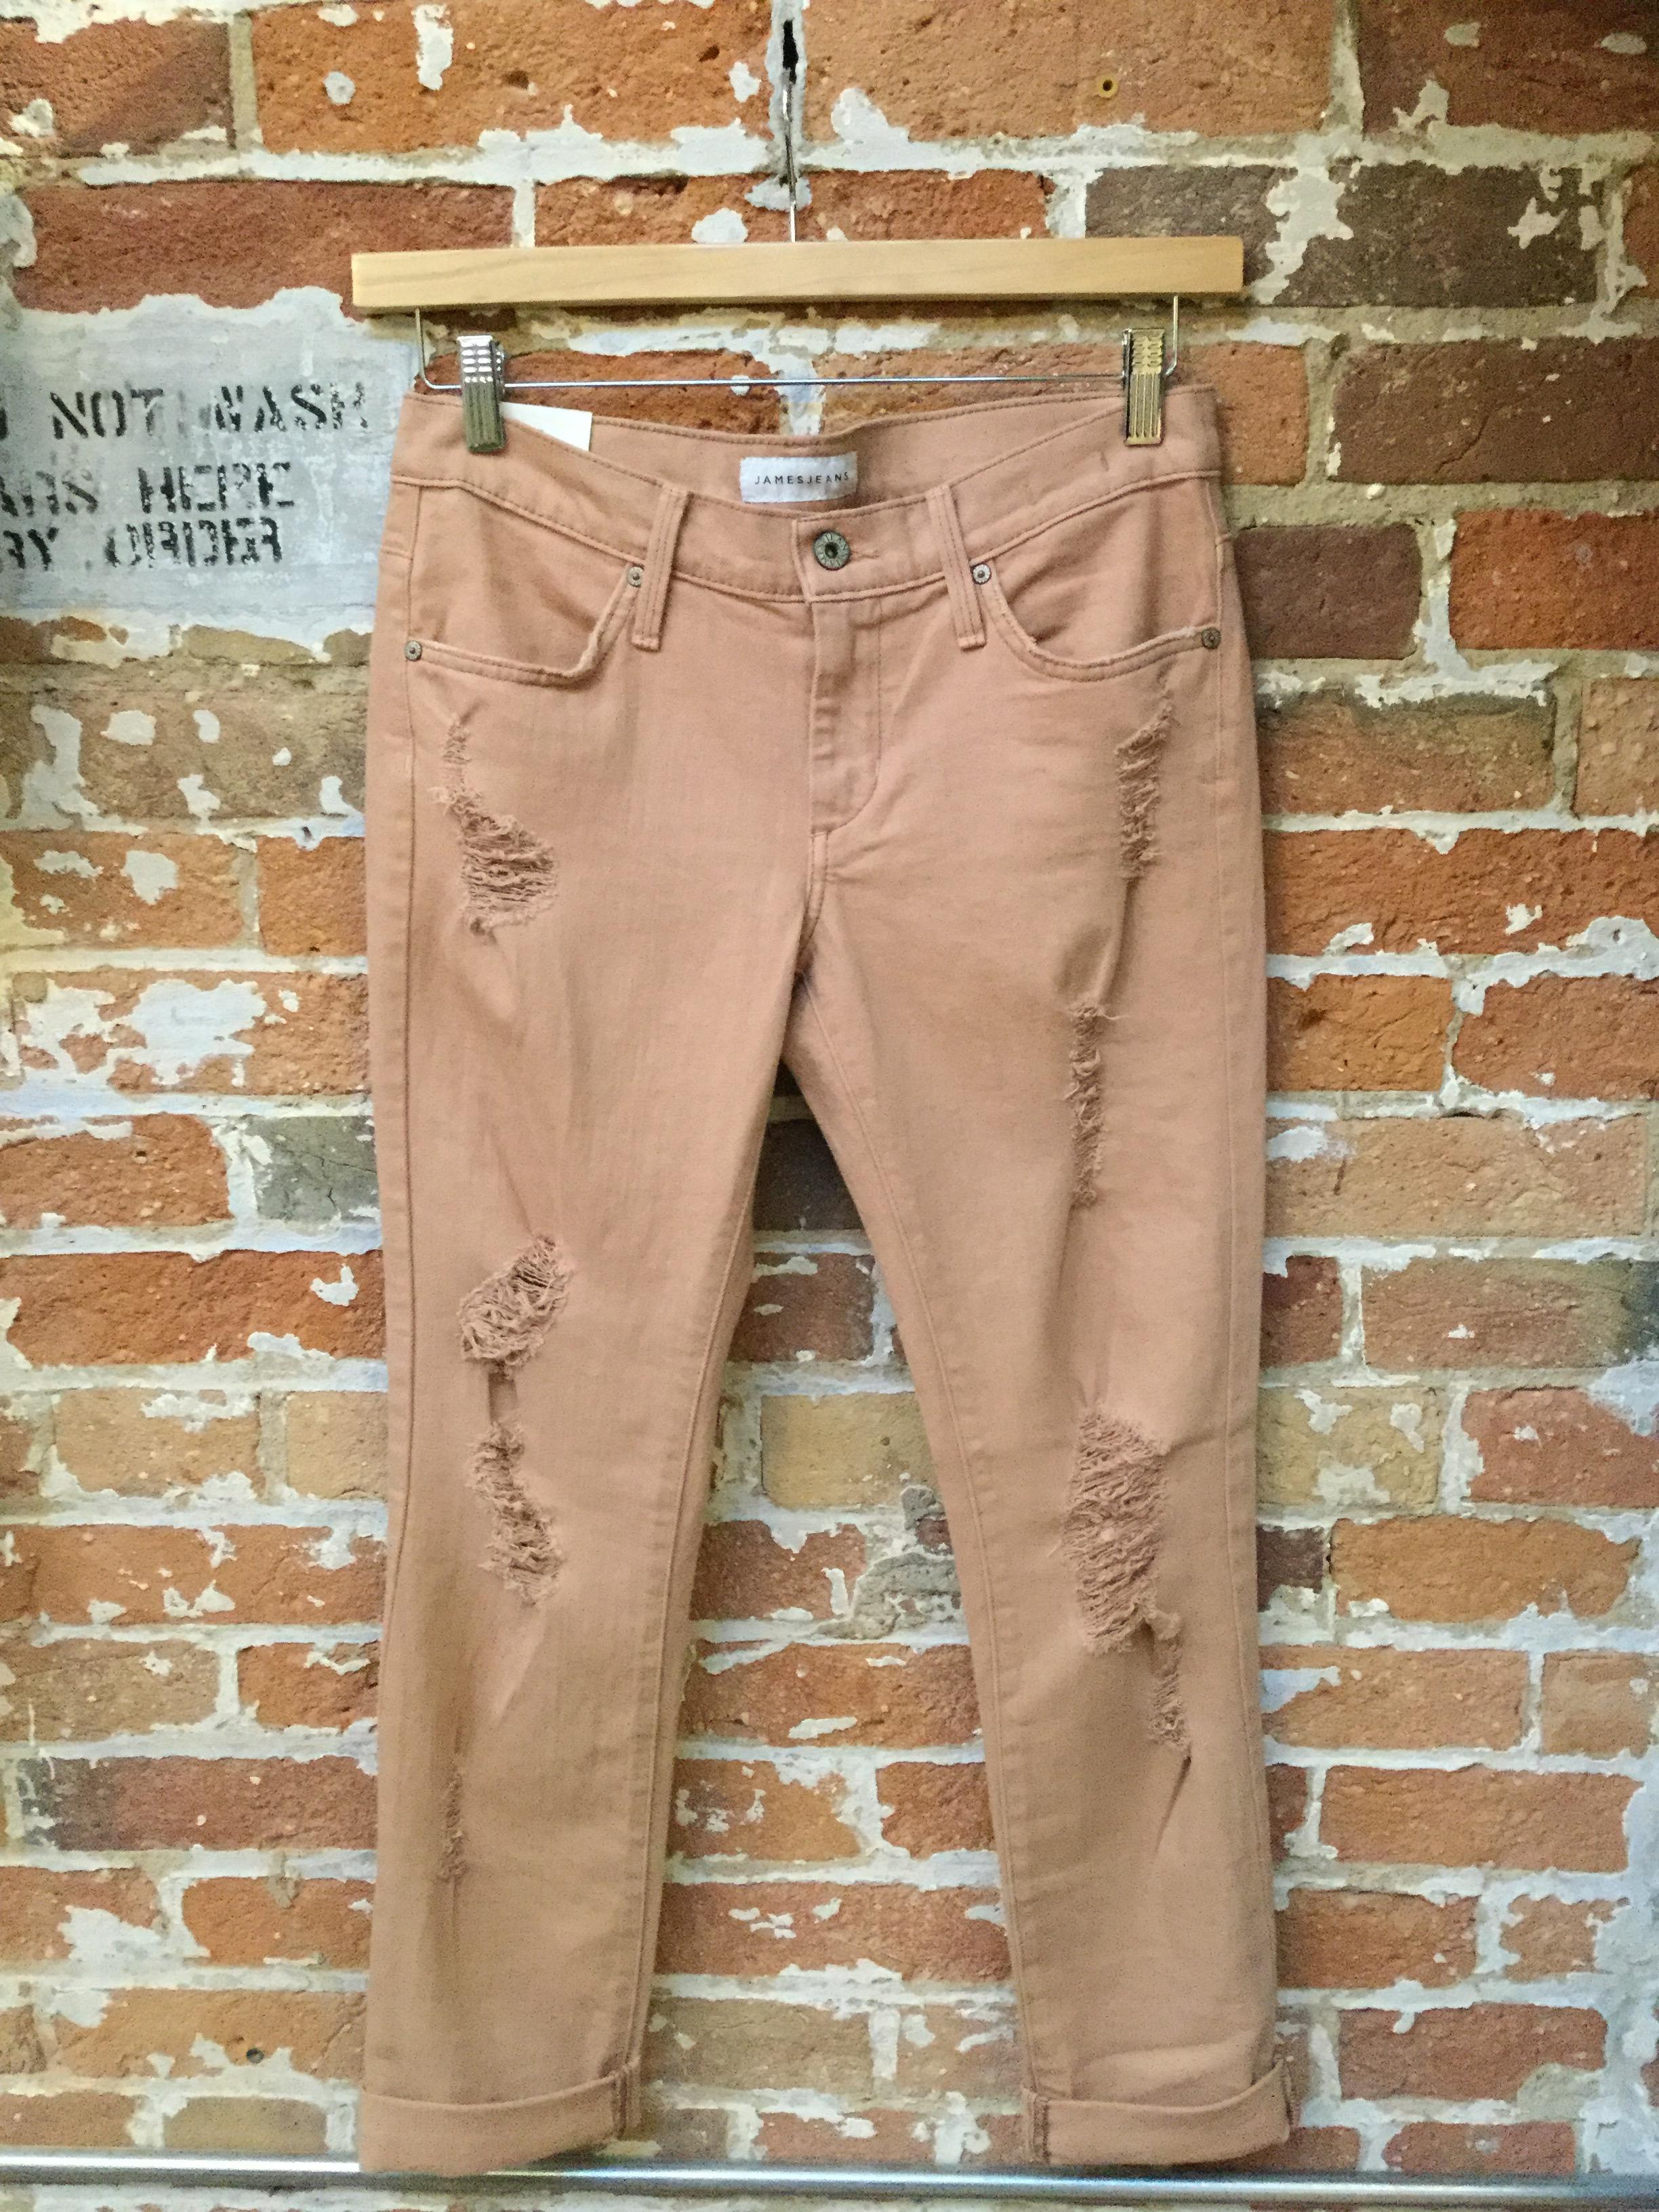 James Jeans Destruction Boyfriend Jeans $288